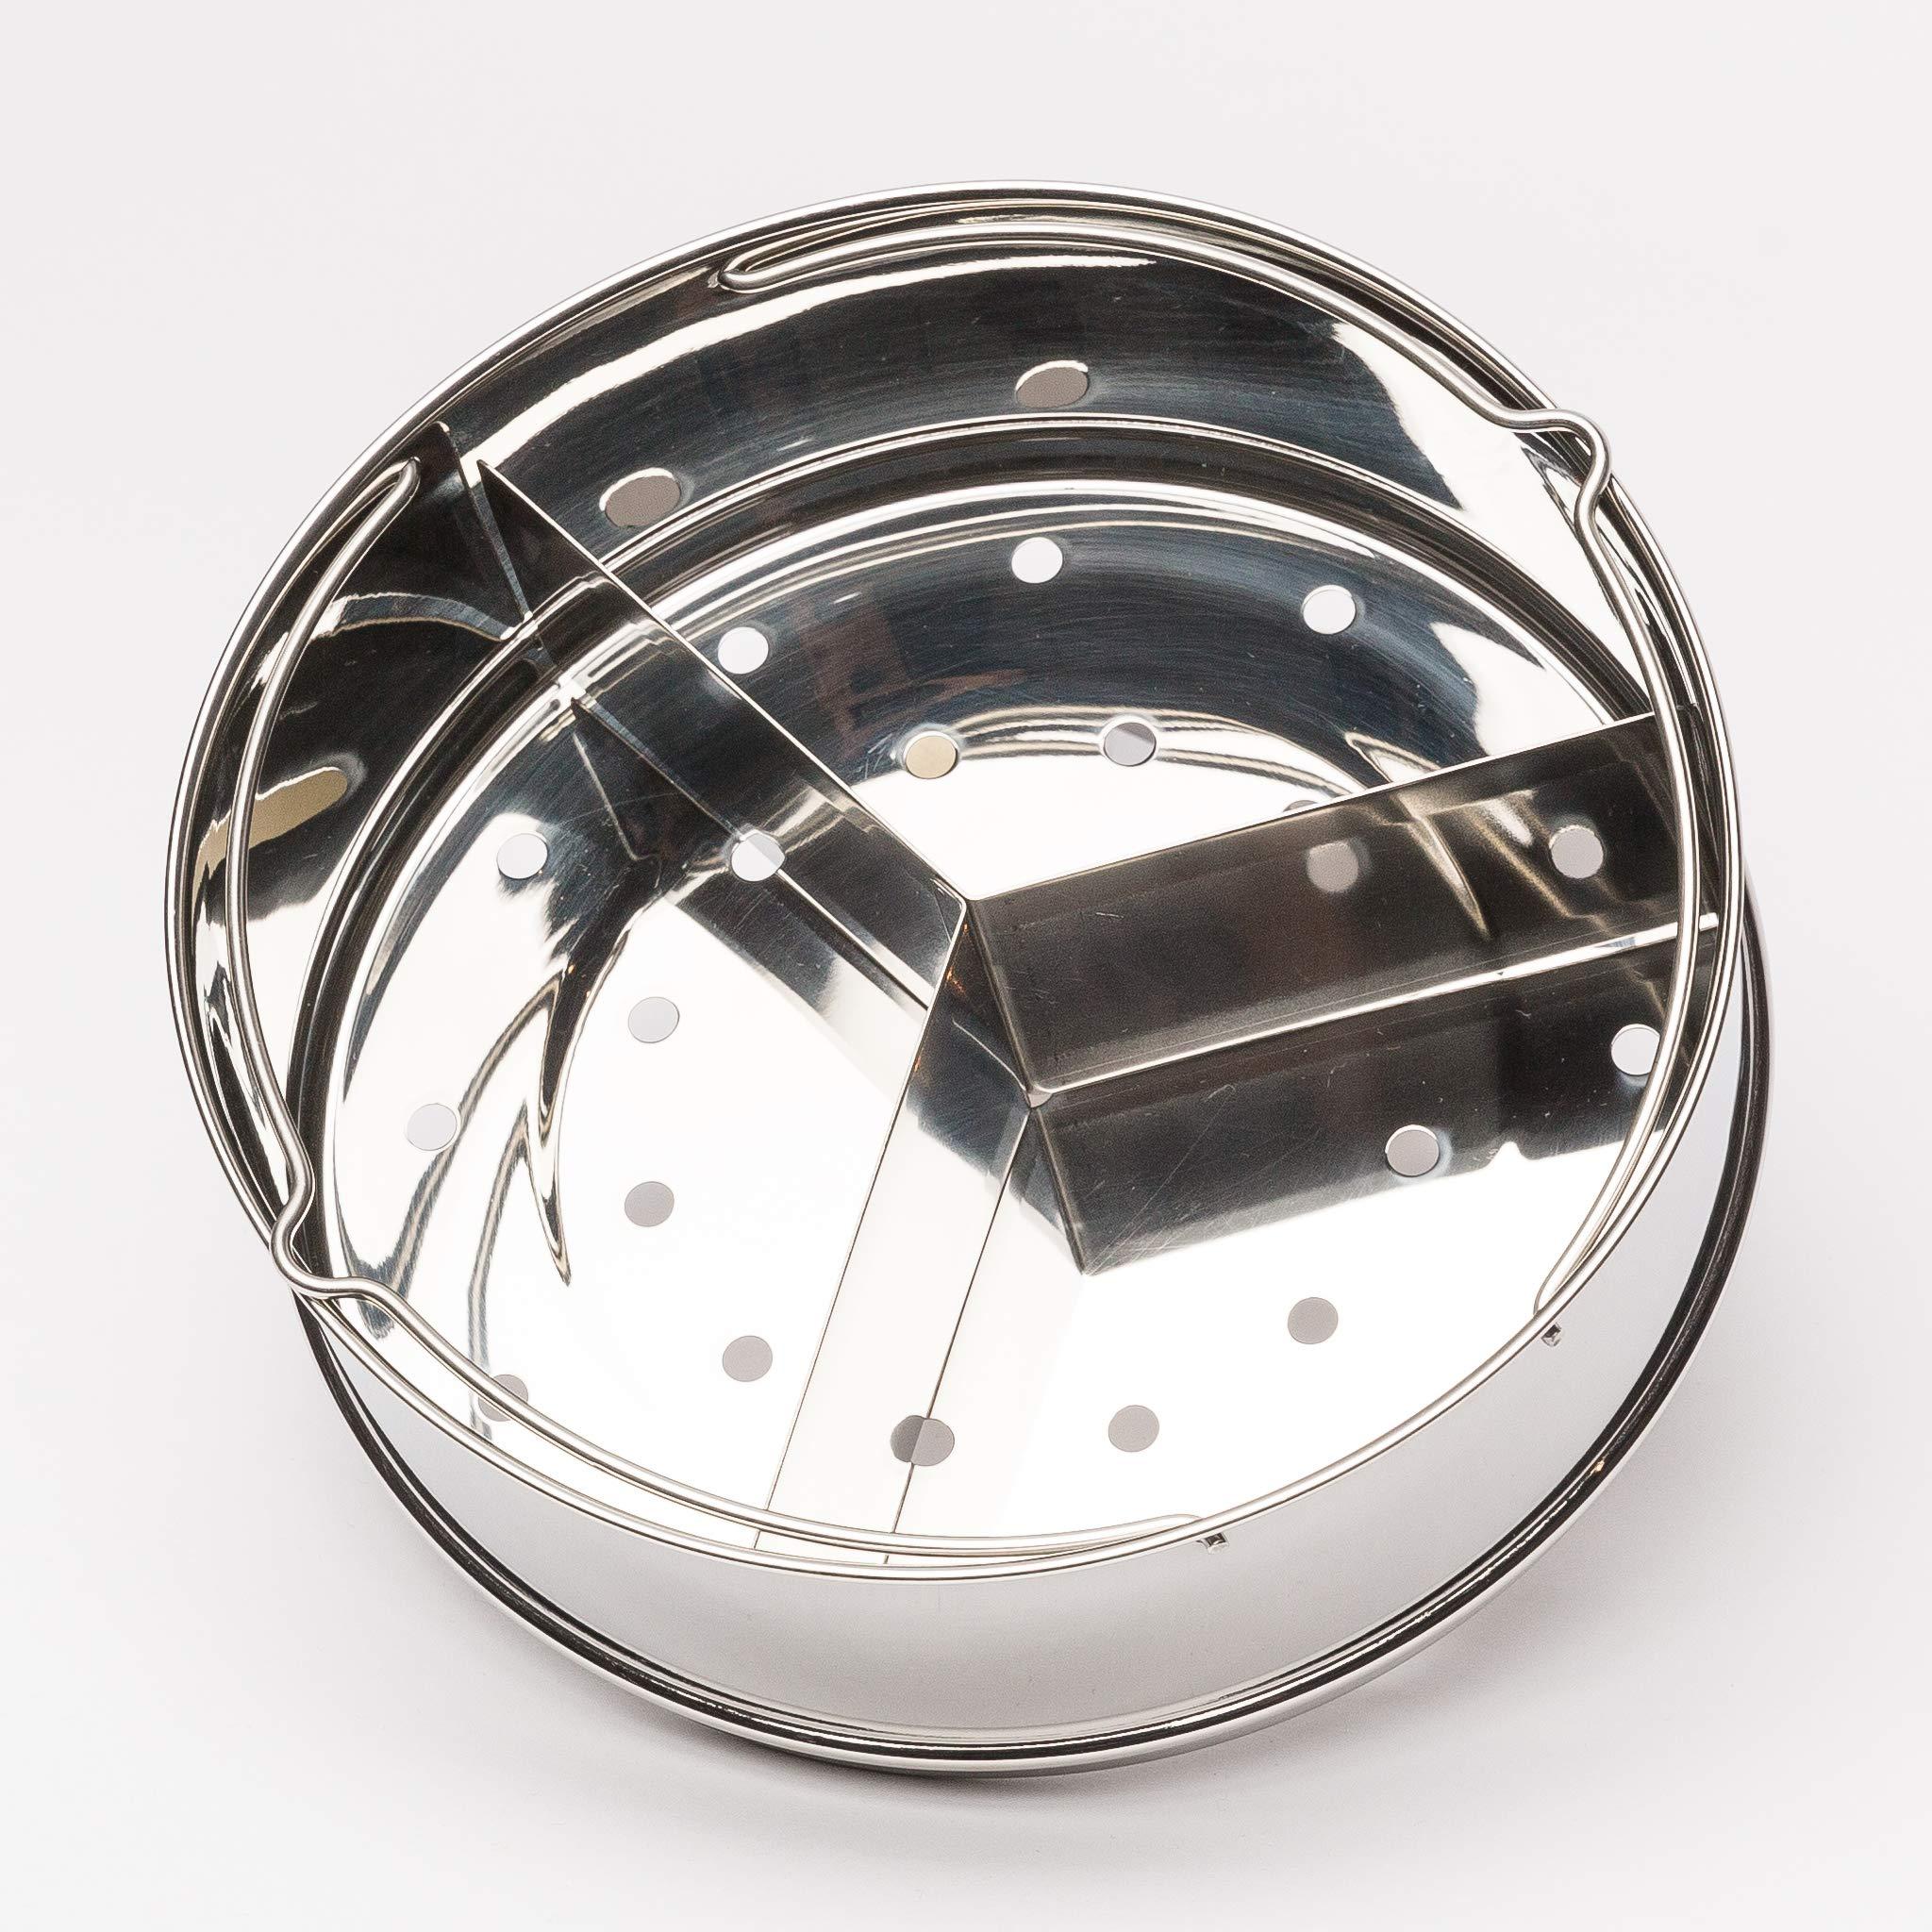 Steamer Basket, Pressure Cooker Accessories for Instant Pot, 6, 8 Qt - Food Steamer with Removable Divider, Egg Rack